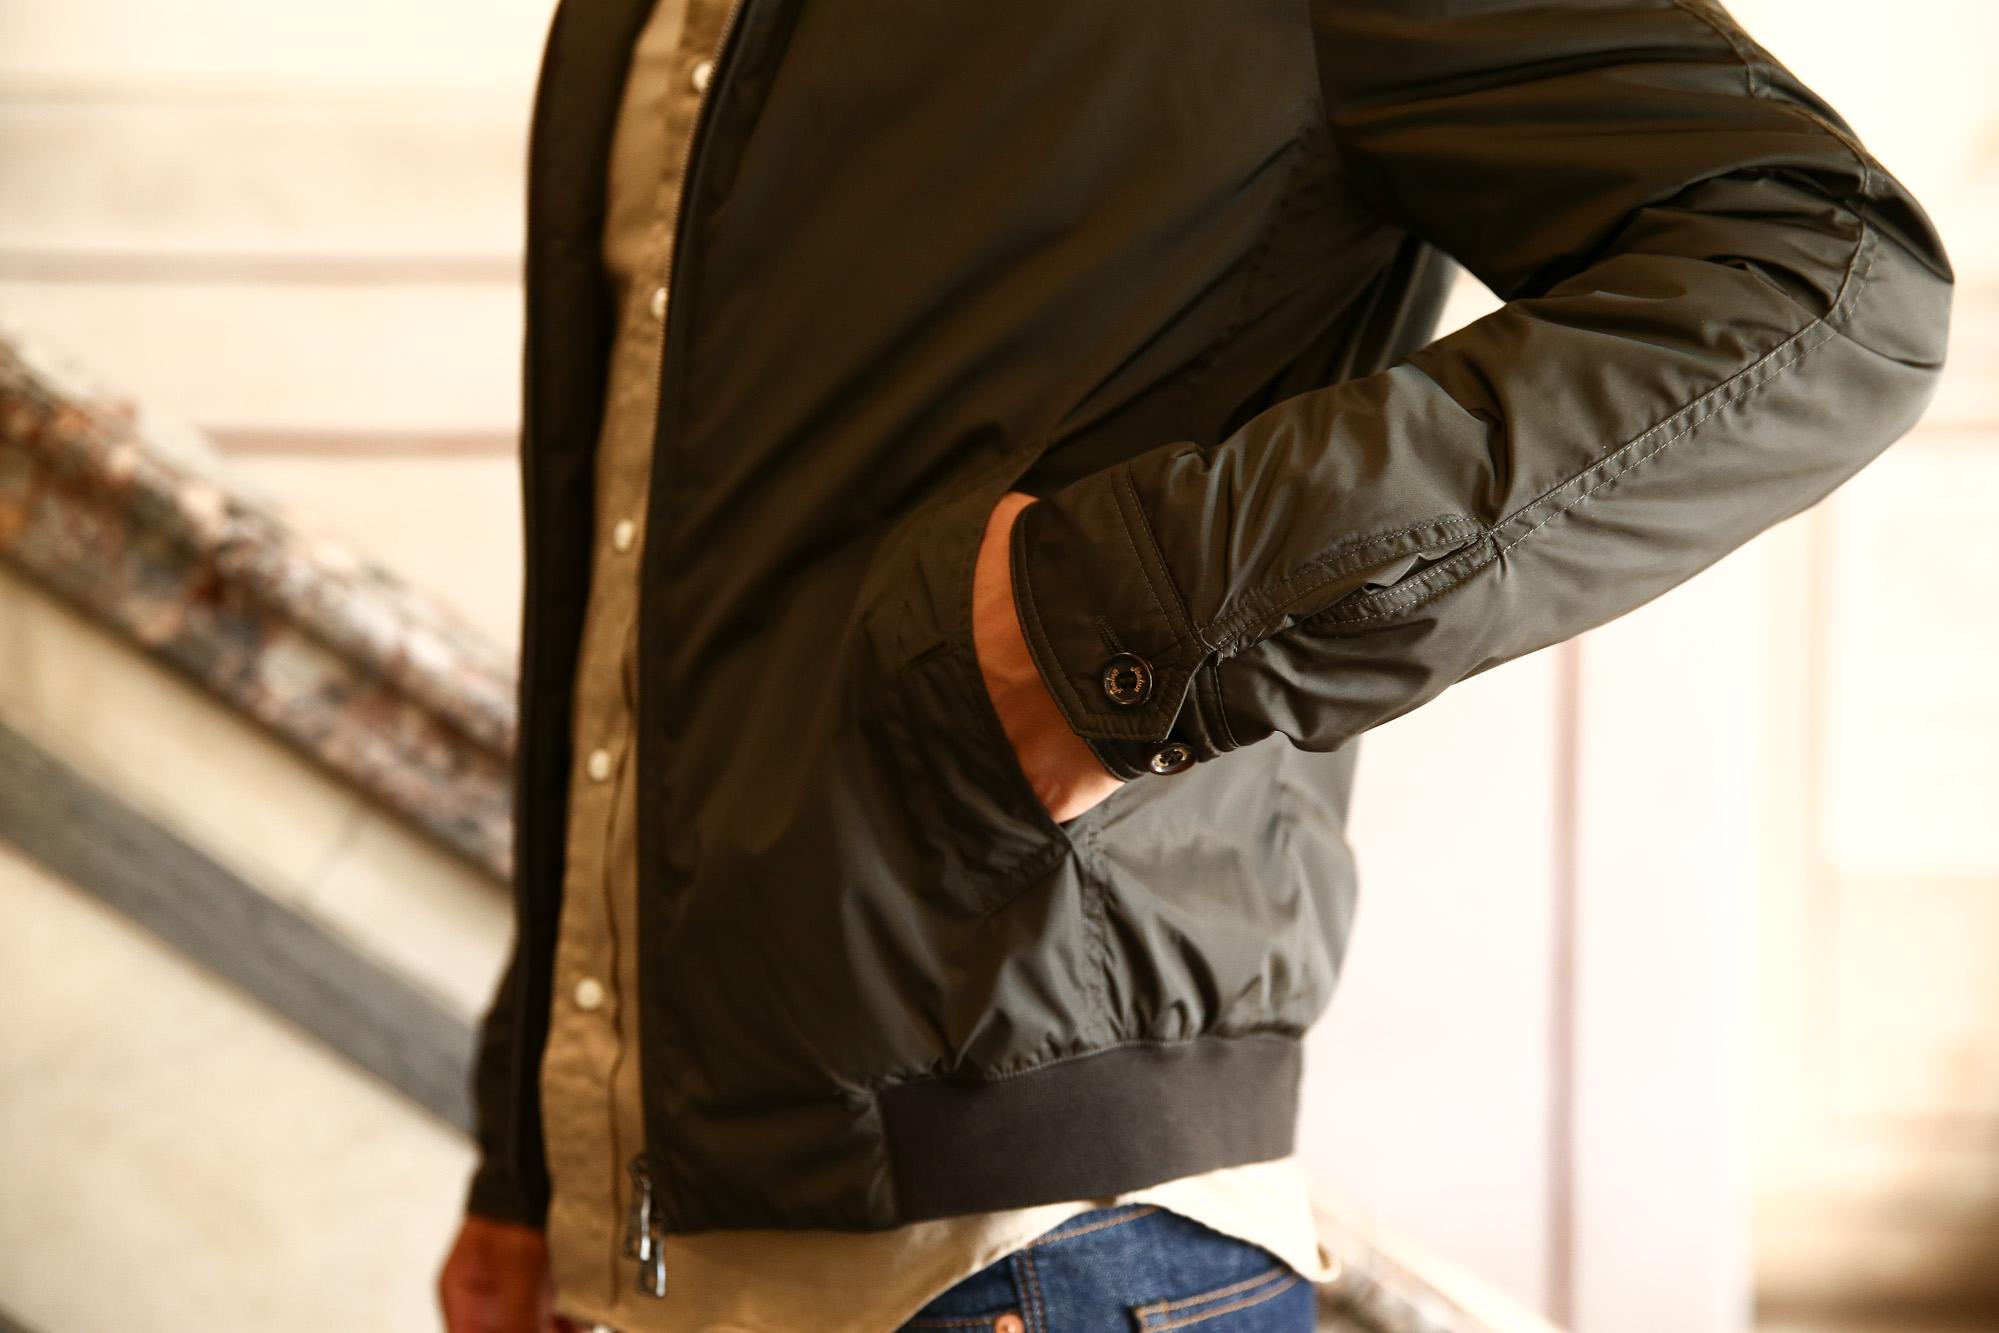 Sealup (シーラップ) Bomber Jacket ボンバージャケット 7578 9683 中綿入り ボマージャケット ナイロンジャケット KHAKI (カーキ・14) MADE IN ITALY 2016 秋冬新作 のコーディネート画像。愛知 名古屋 Alto e Diritto アルト エ デリット LEON レオン シーラップ 名古屋